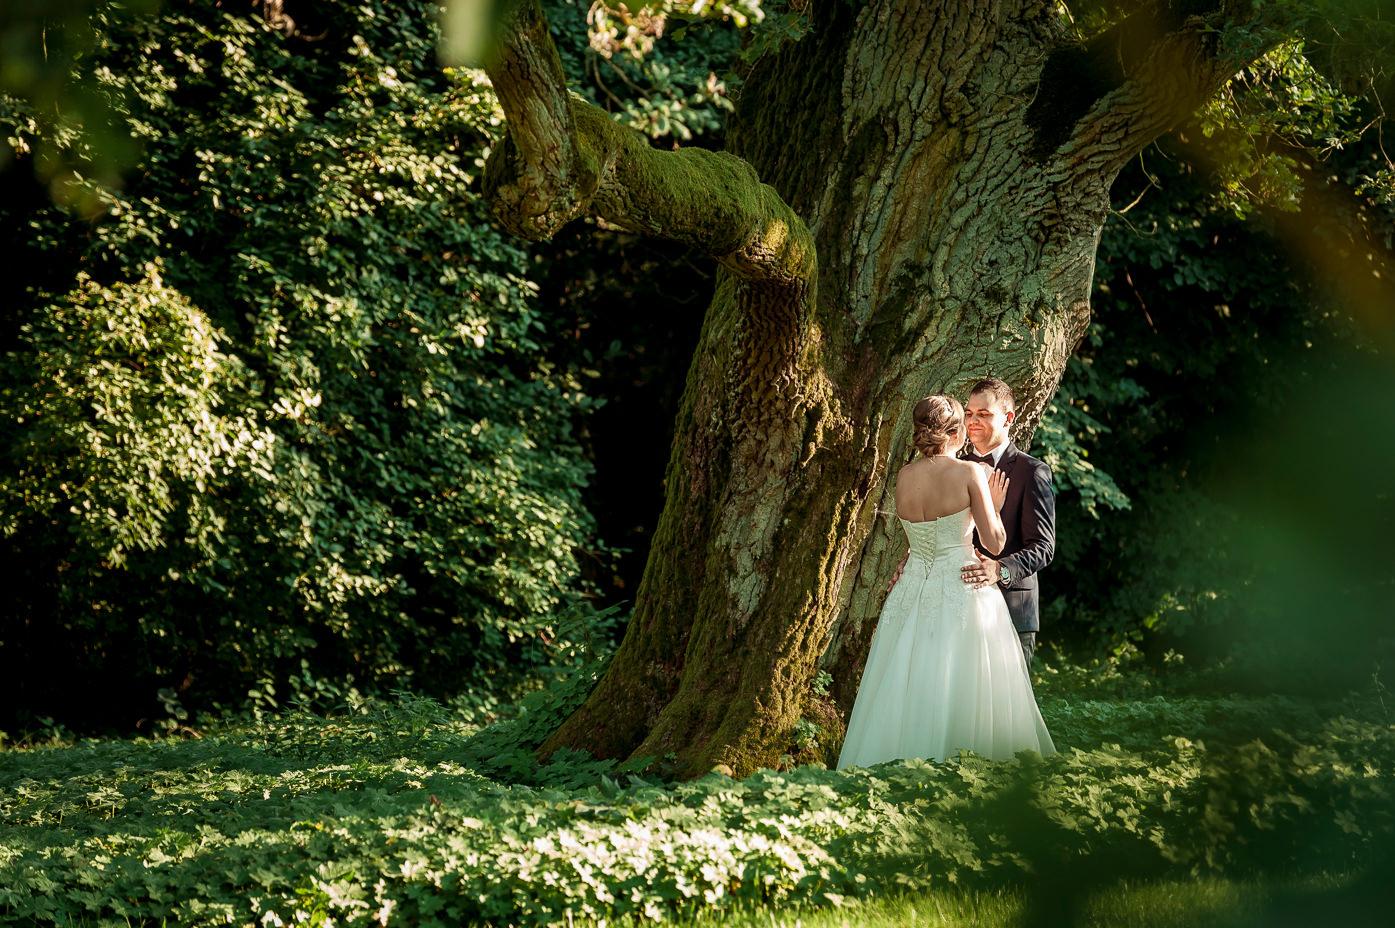 romantyczna sesja ślubna w parku fotograf-weselny-Malbork-fotografia-ślubna-Malbork-sesja-ślubna-Malbork